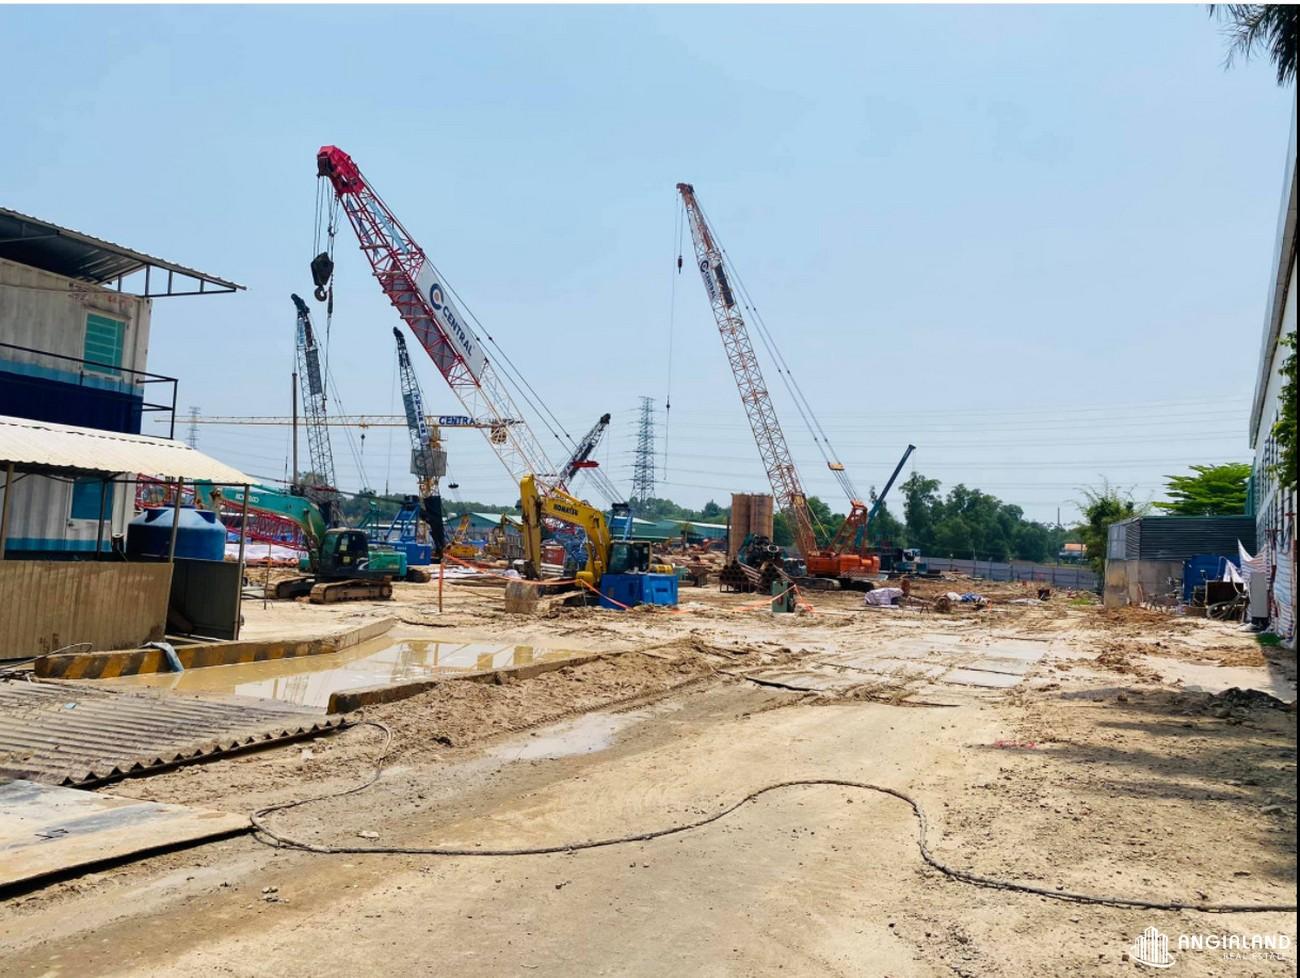 Tiến độ dự án căn hộ chung cư Astral City Thuận An tháng 04/2021 Đường Quốc lộ 13 chủ đầu tư Phát Đạt Group